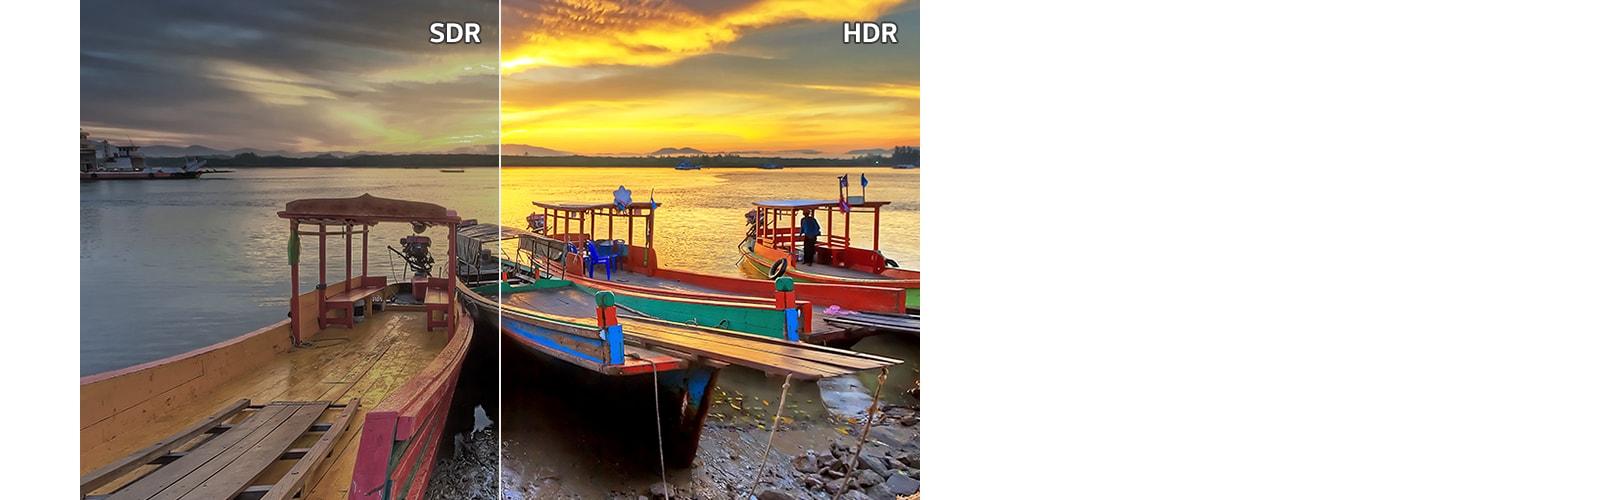 HDR 10: Contraste detallado